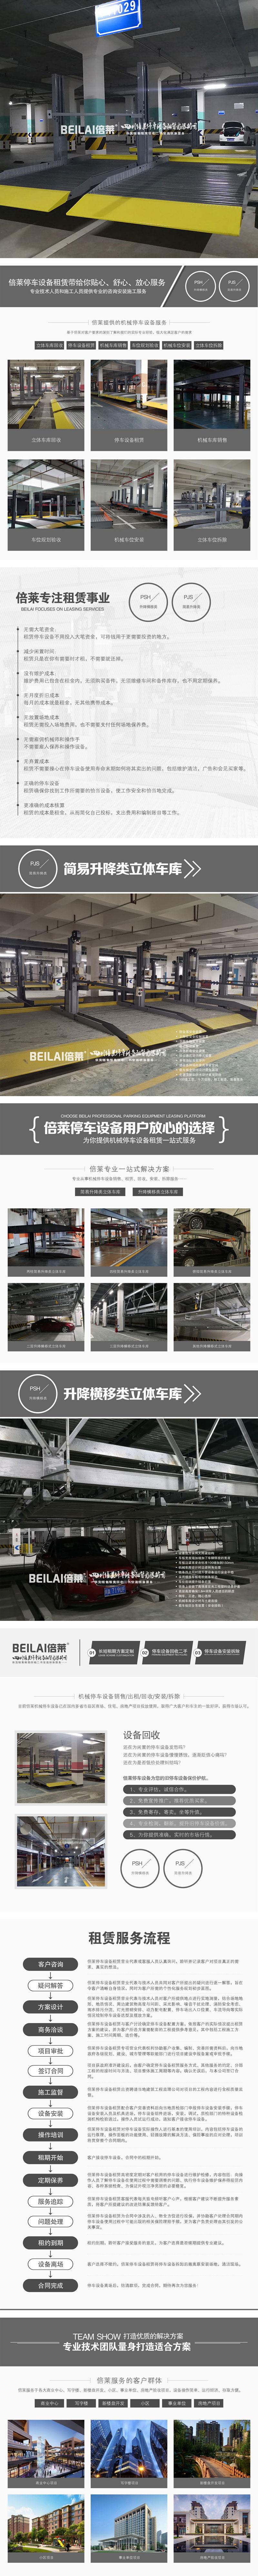 西安立體停車設備改造九龍坡機械車位倍萊立體停車場